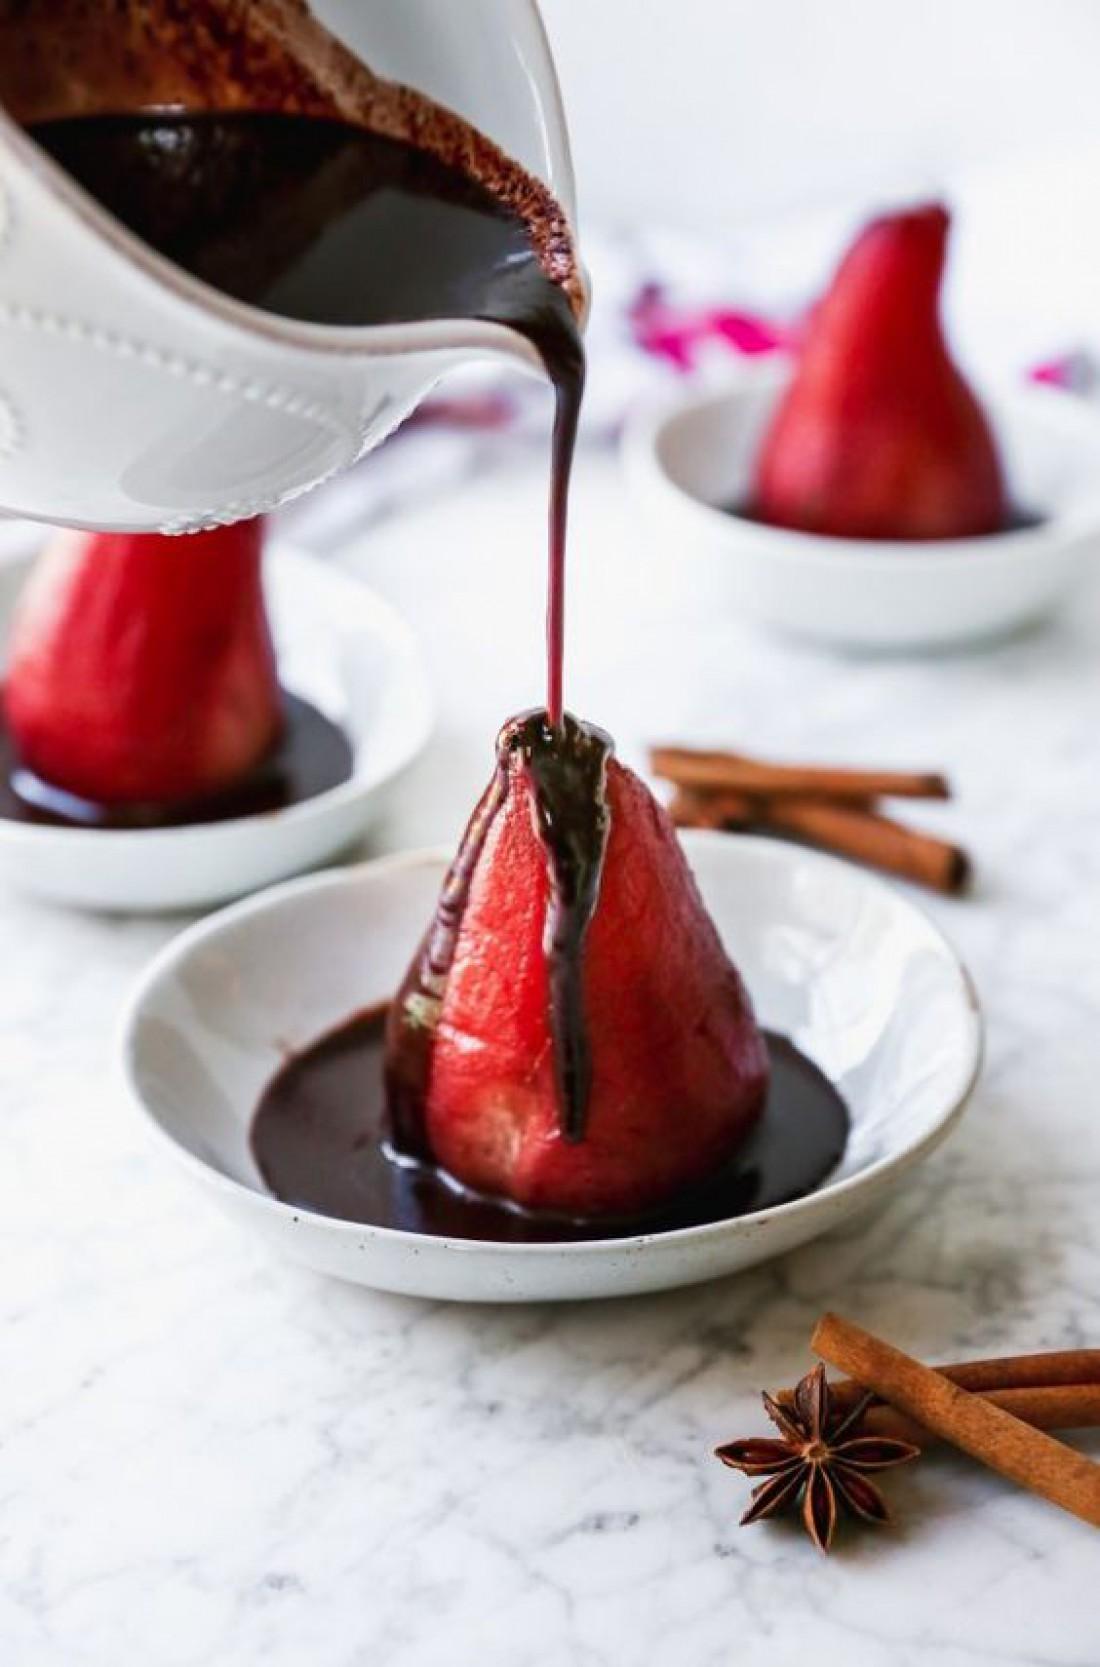 ТОП-5 лучших рецептов блюд из груши